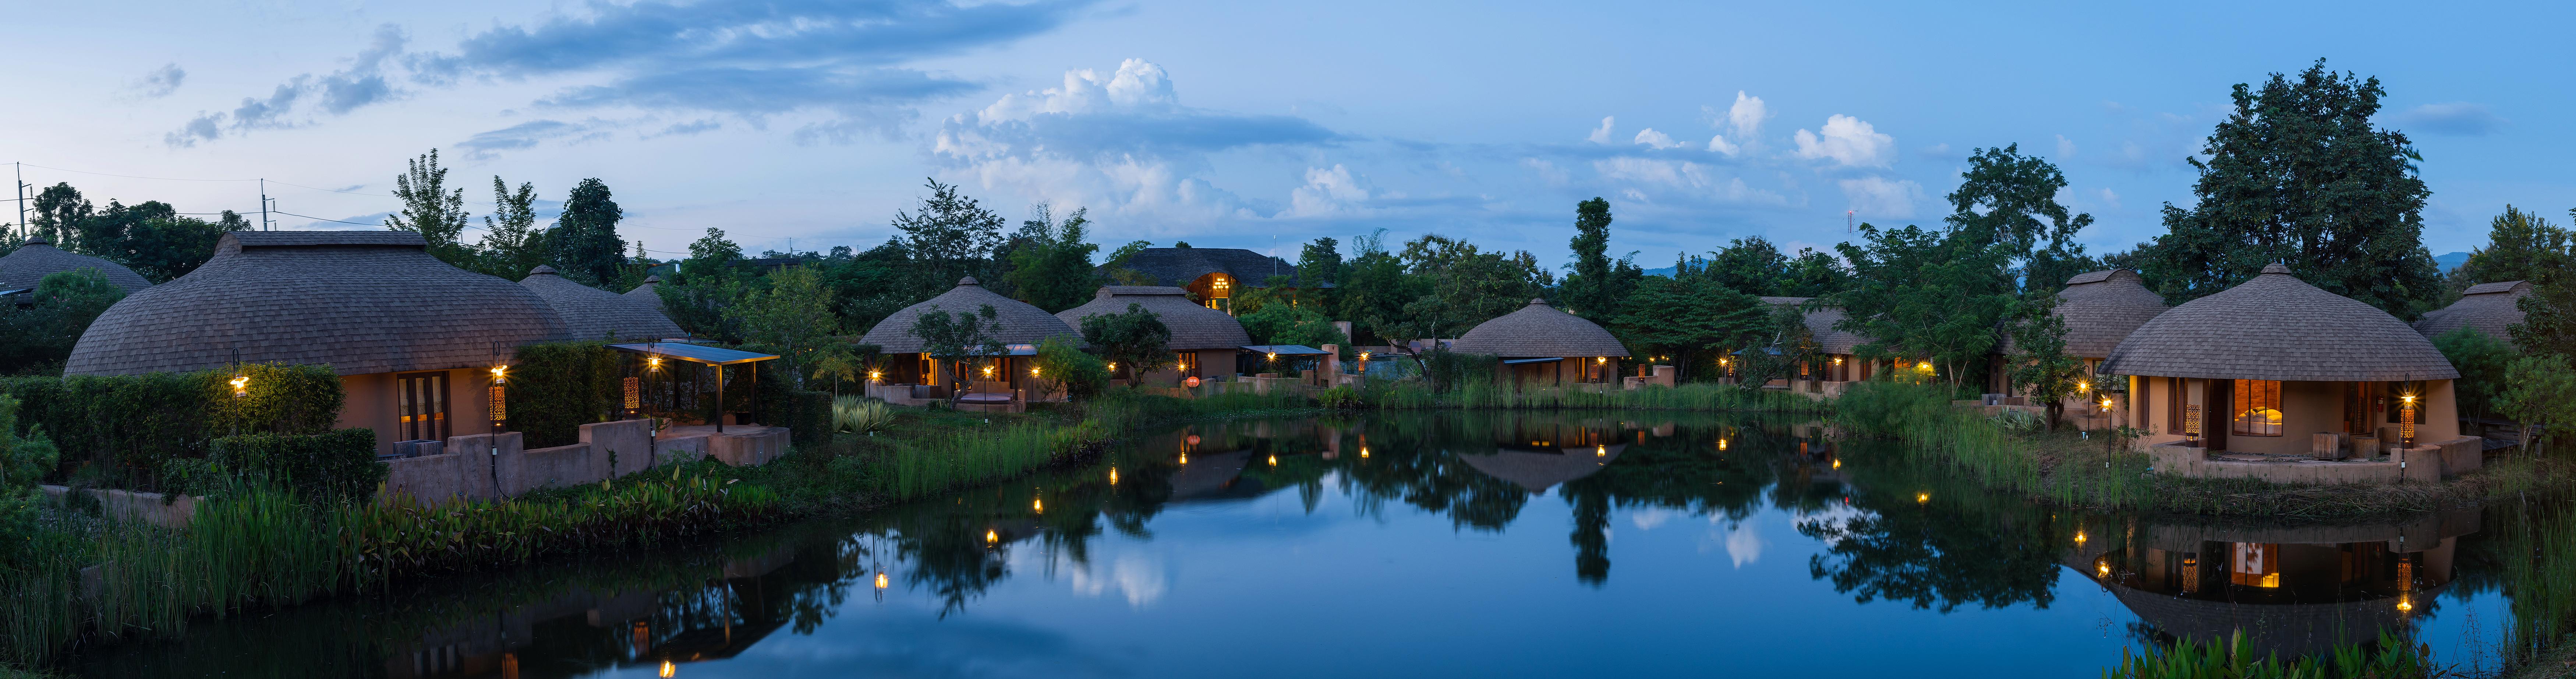 Montis Resort Pai, Thailand.